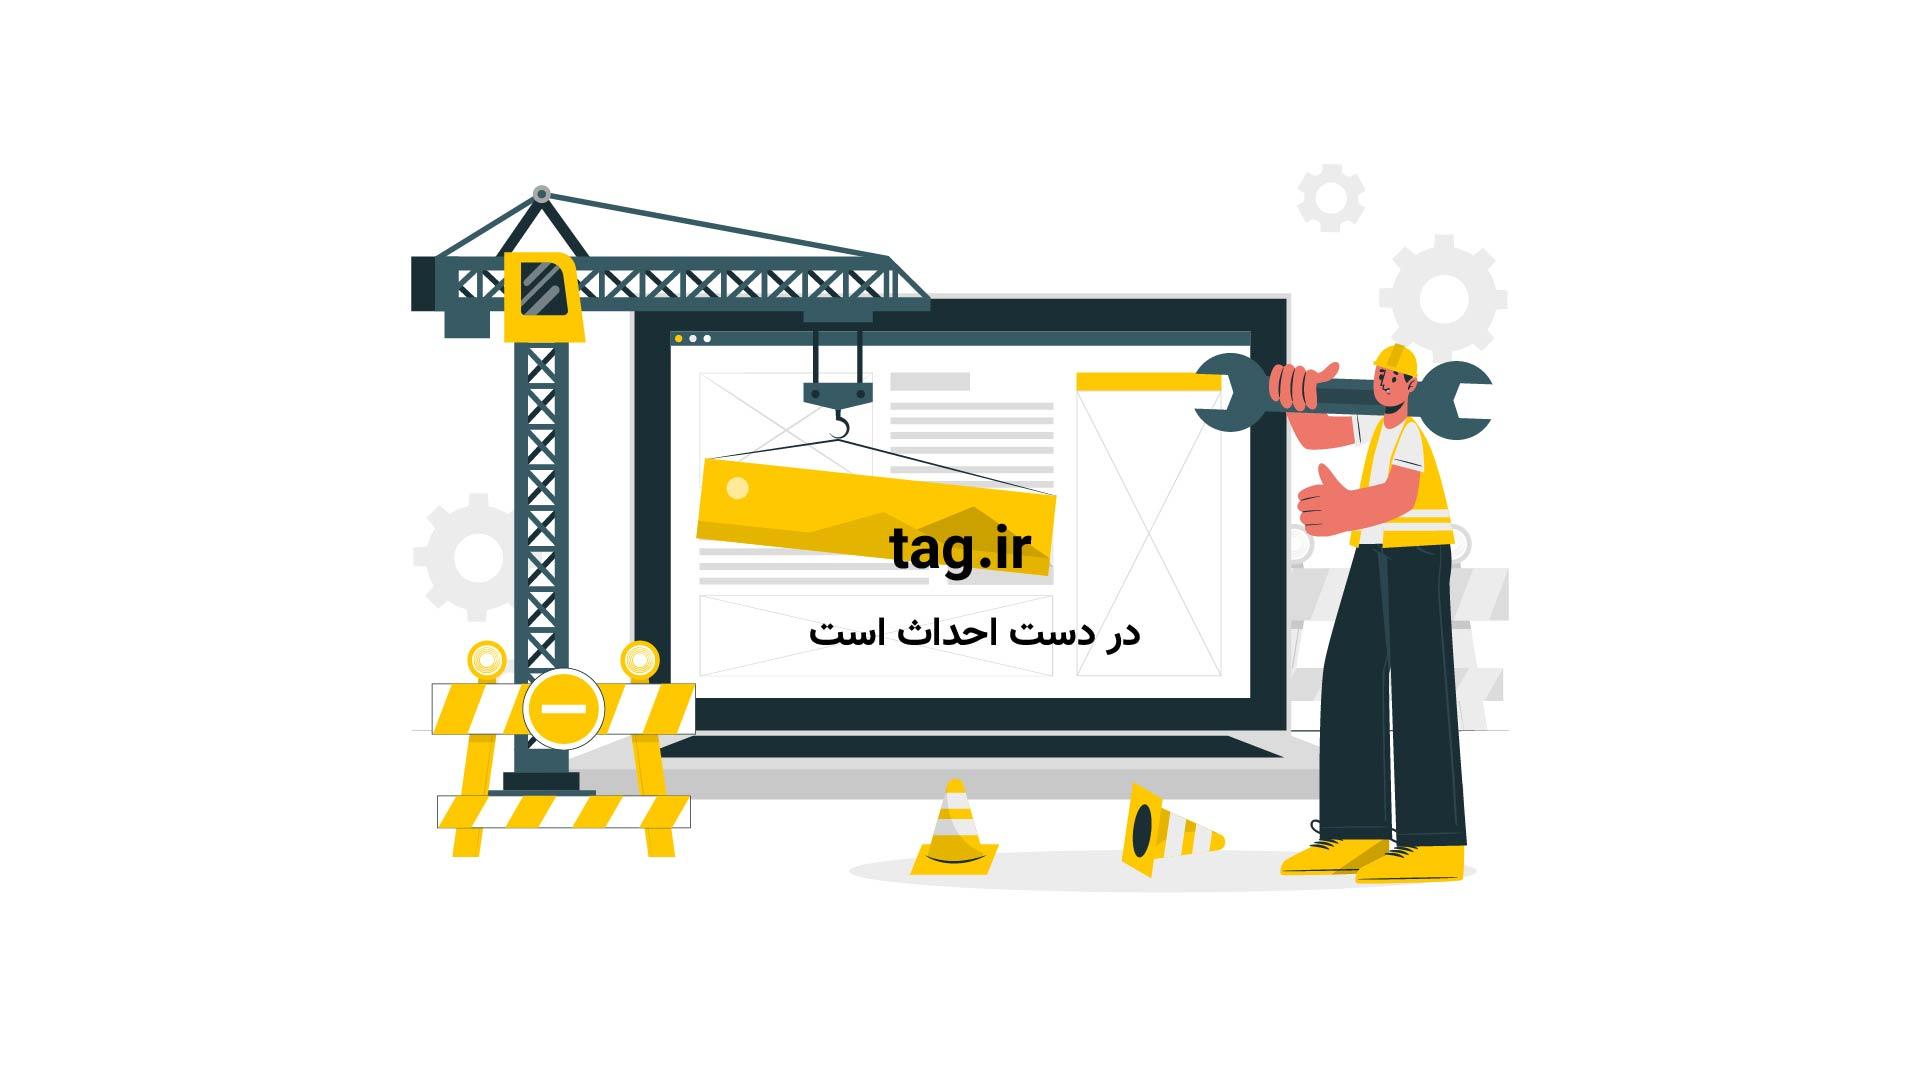 ساخت آلبوم تصاویر با فوتو گرید | فیلم